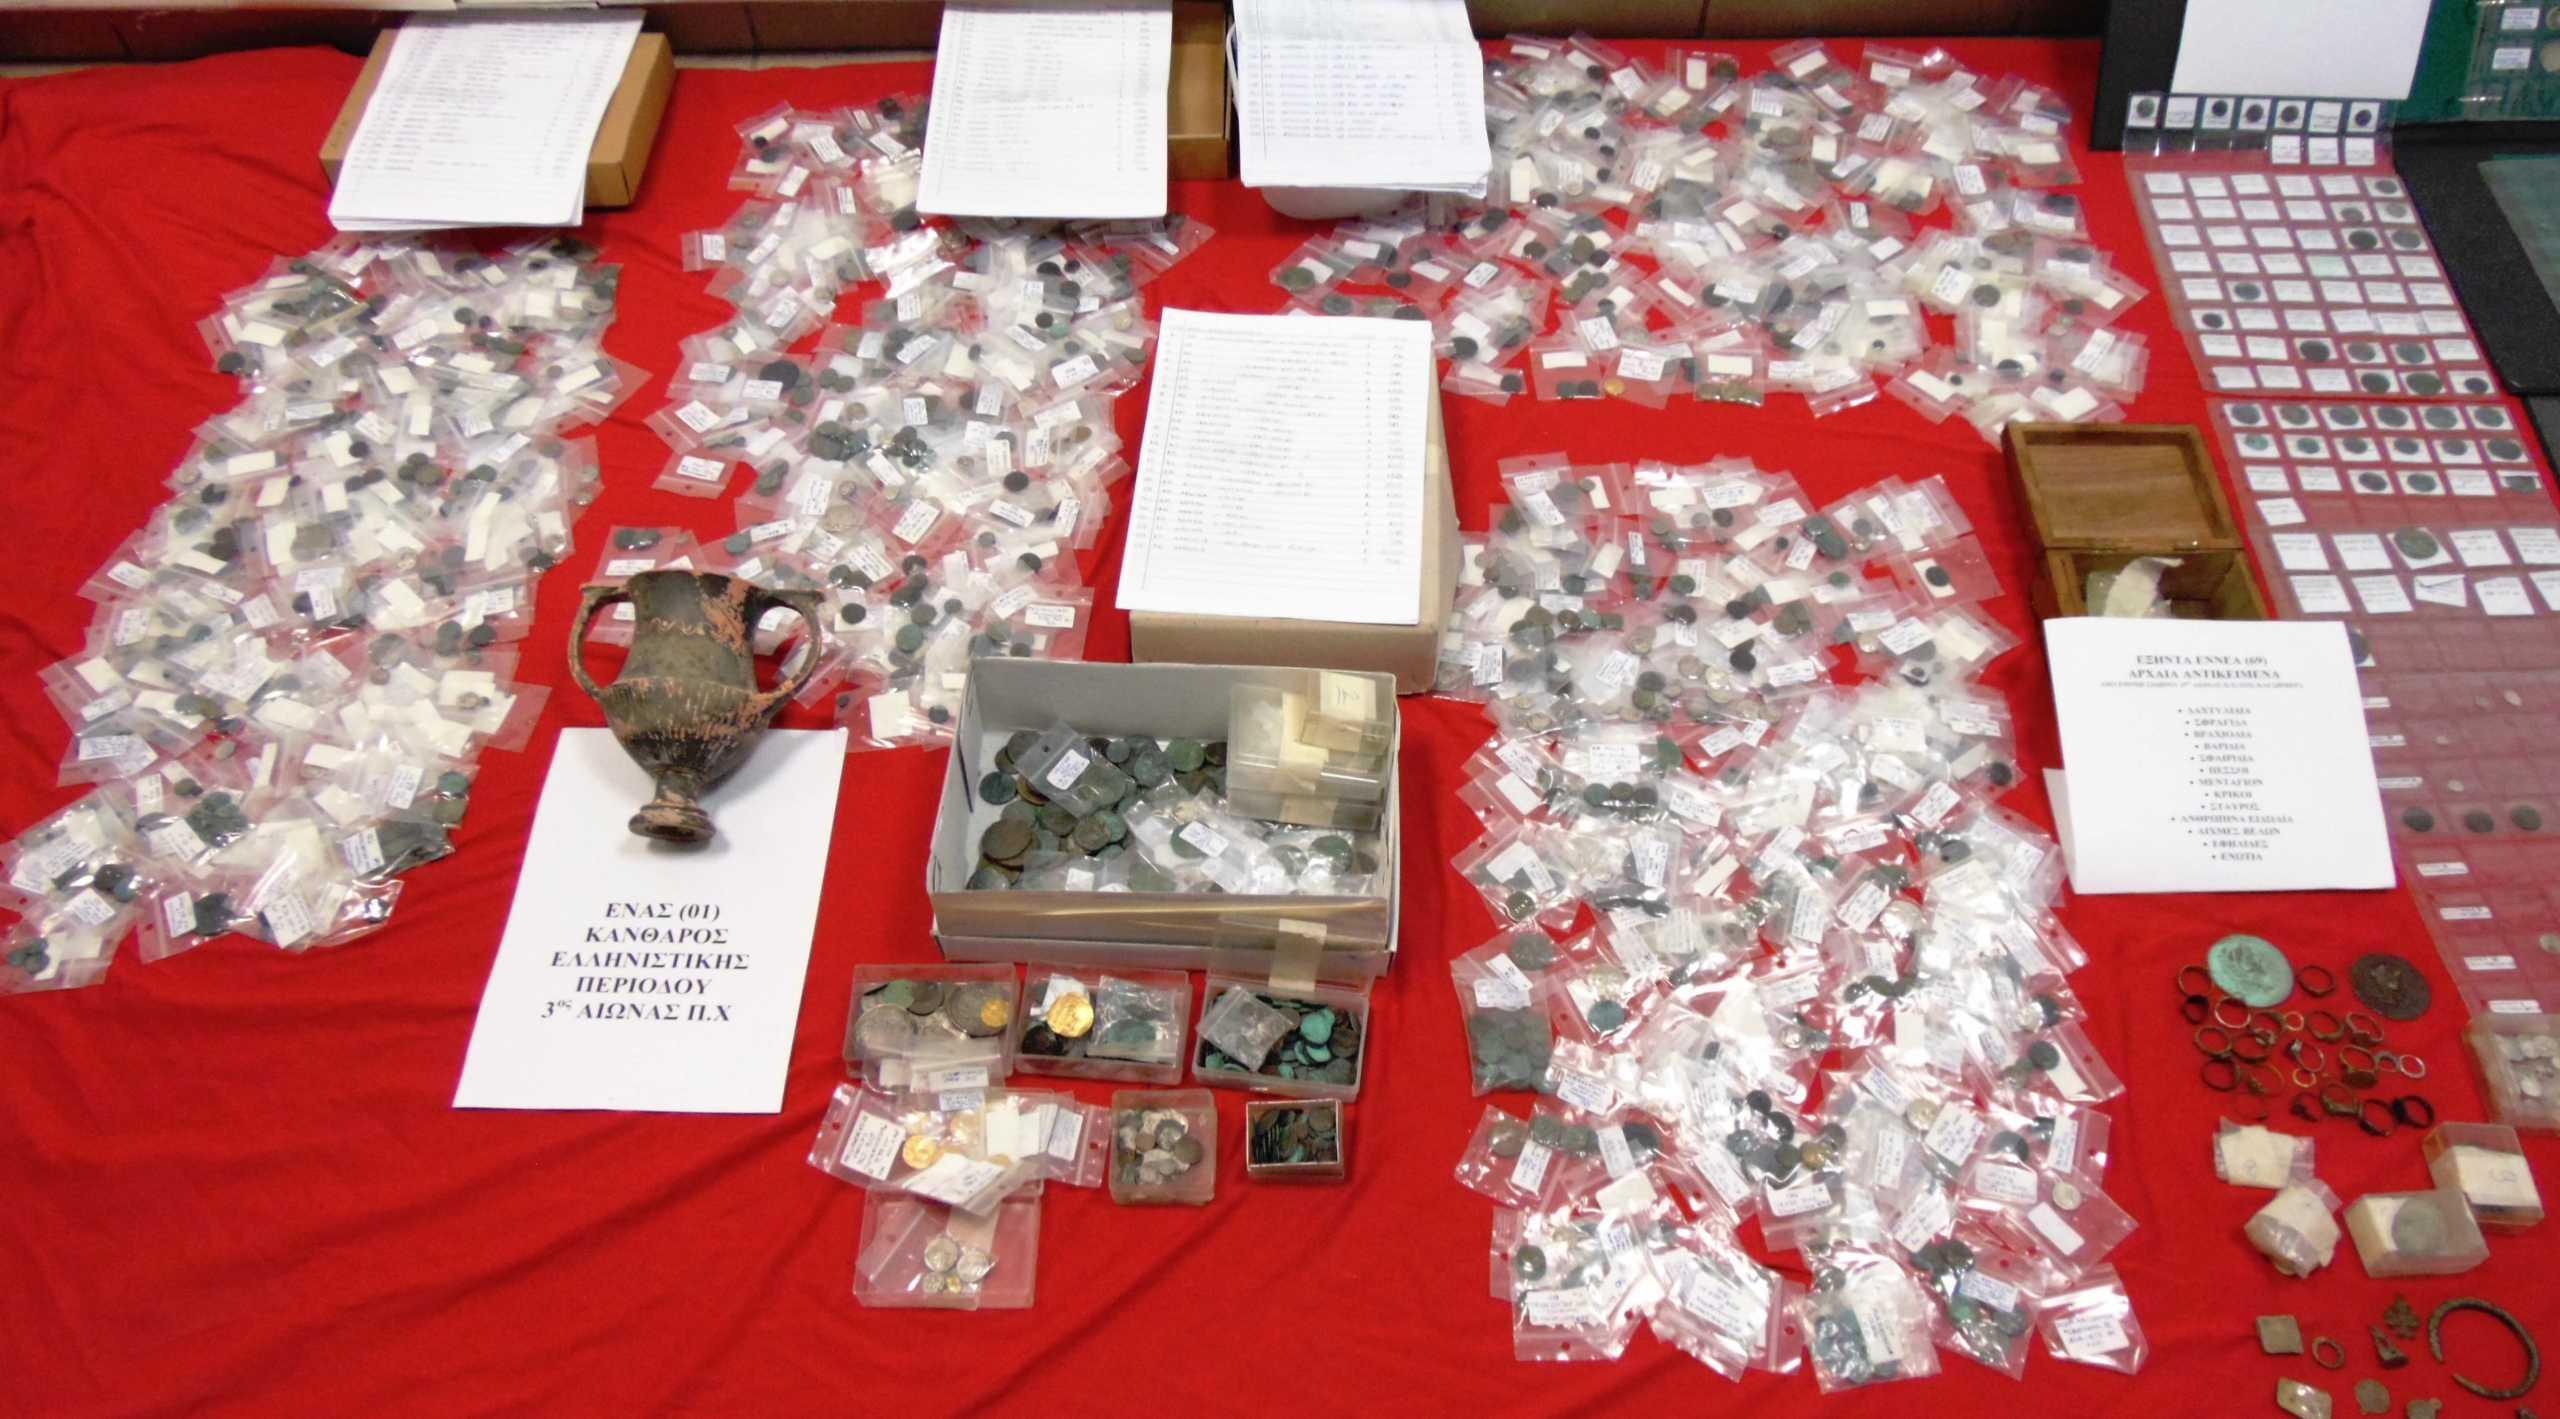 Δράμα: Αρχαιολογικός θησαυρός στο σπίτι λογιστή! Οι εικόνες που ξεσκέπασε η αστυνομική επιχείρηση (Φωτό)